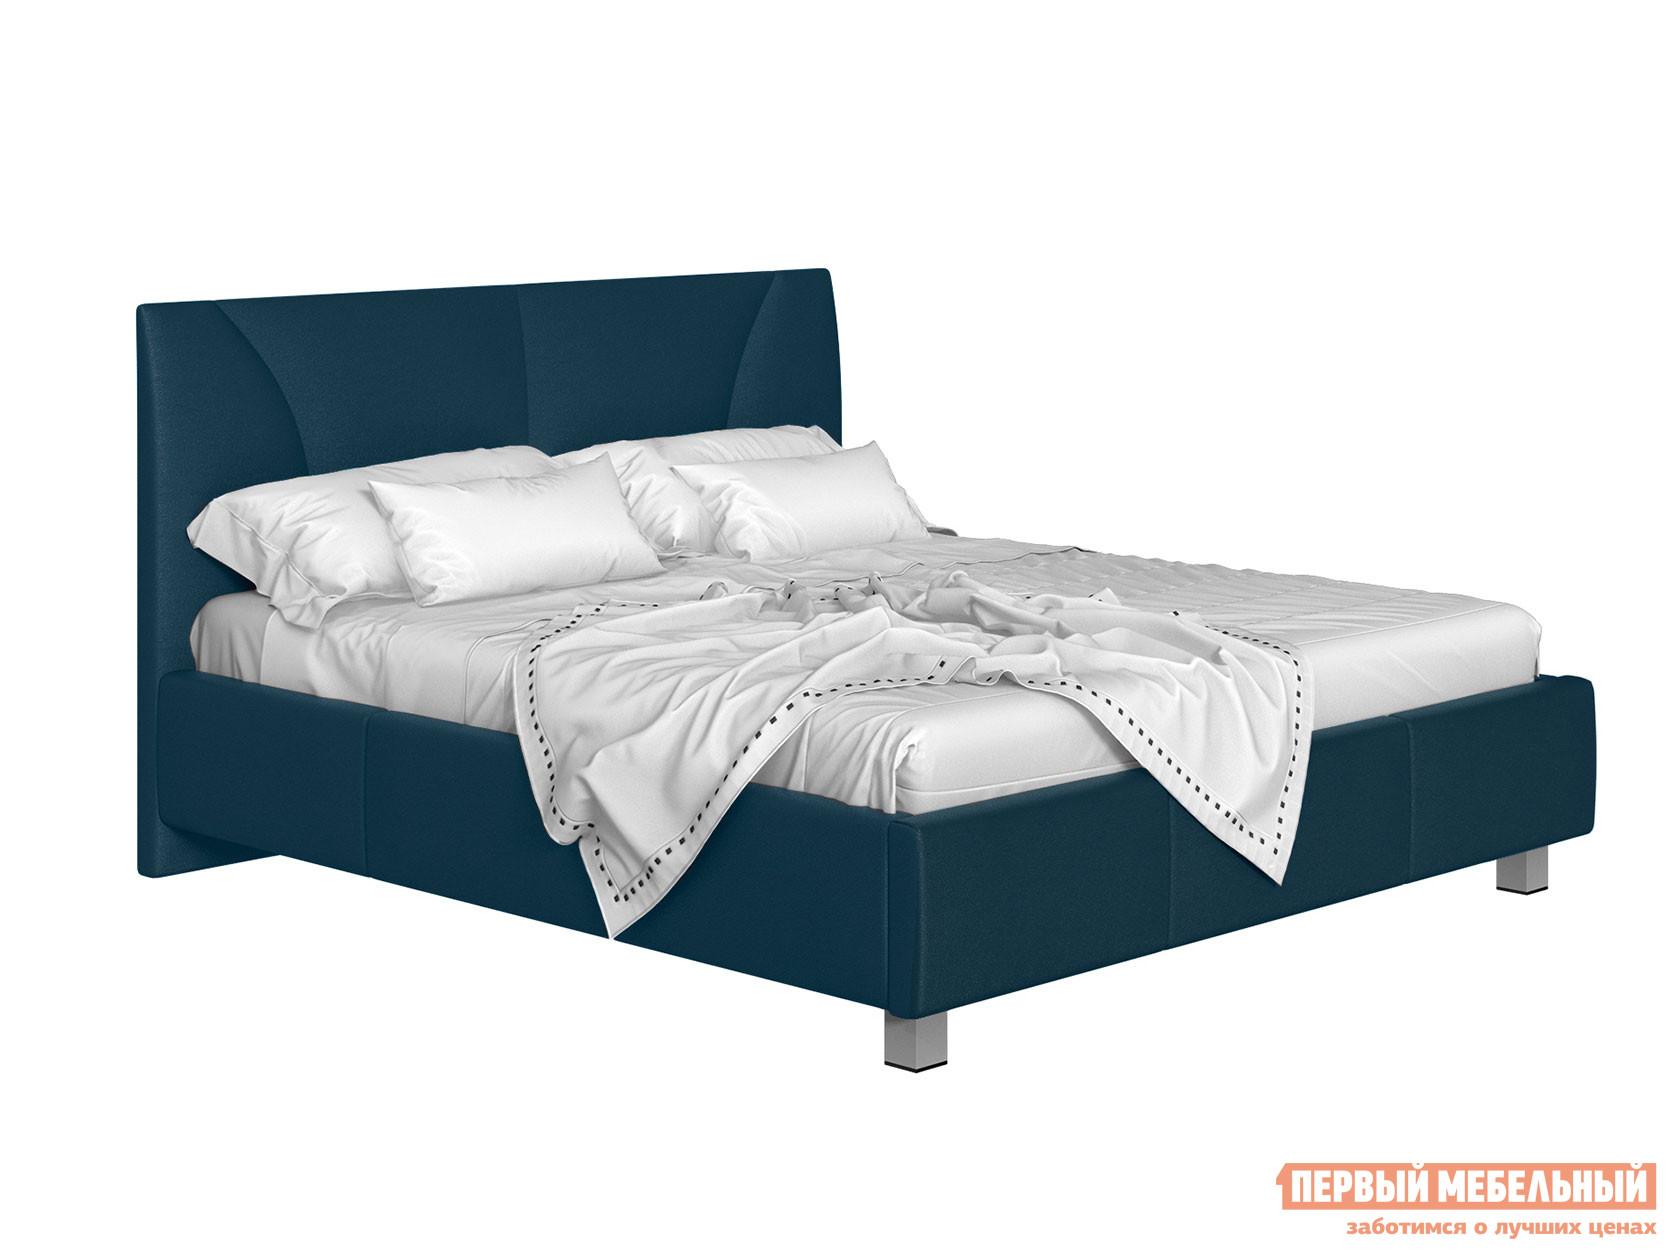 Кровать с подъемным механизмом Первый Мебельный Кровать с подъемным механизмом Севилья